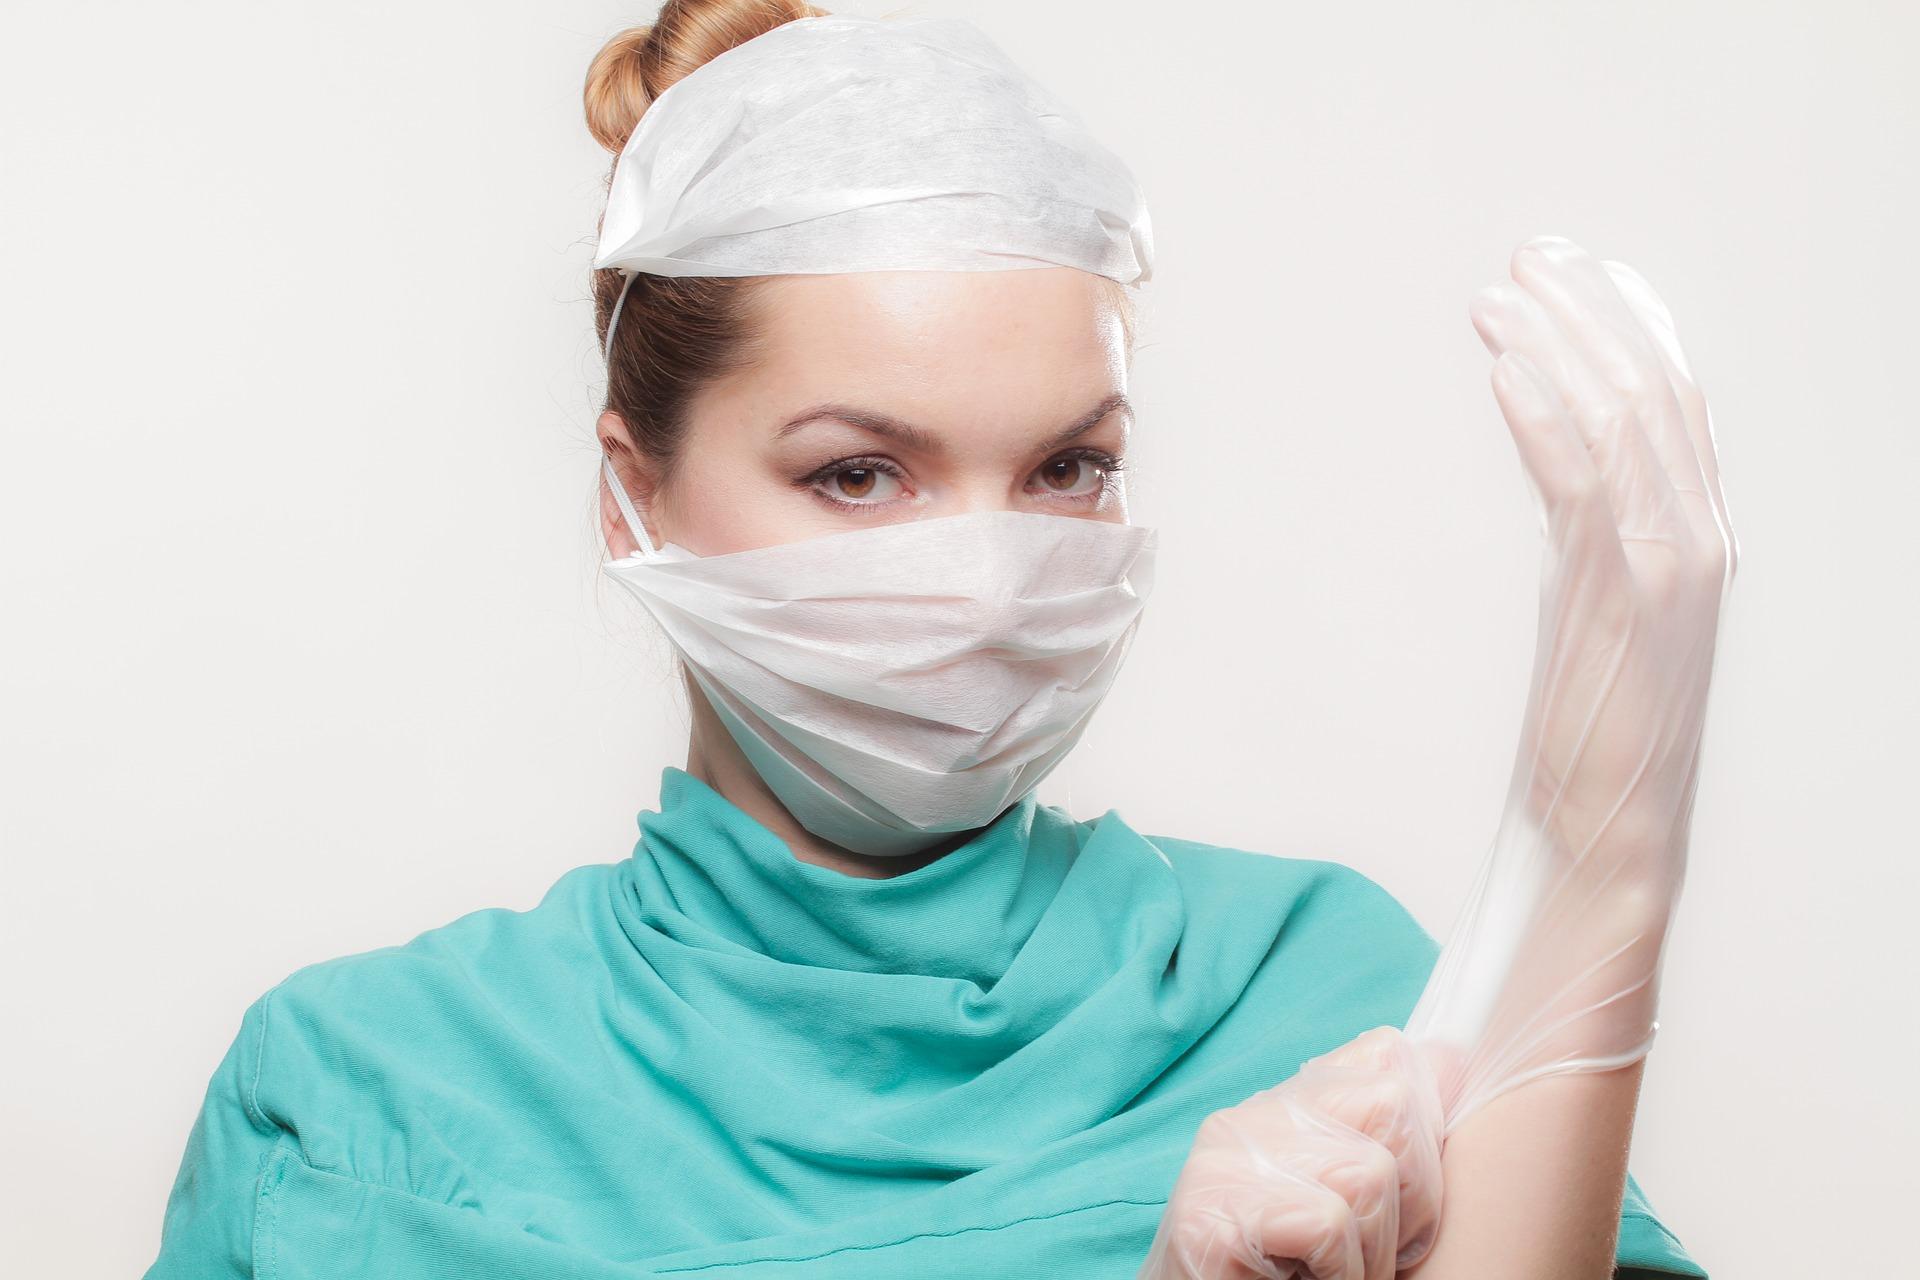 Патологические выделения из влагалища у женщин, при появлении которых следует посетить врача